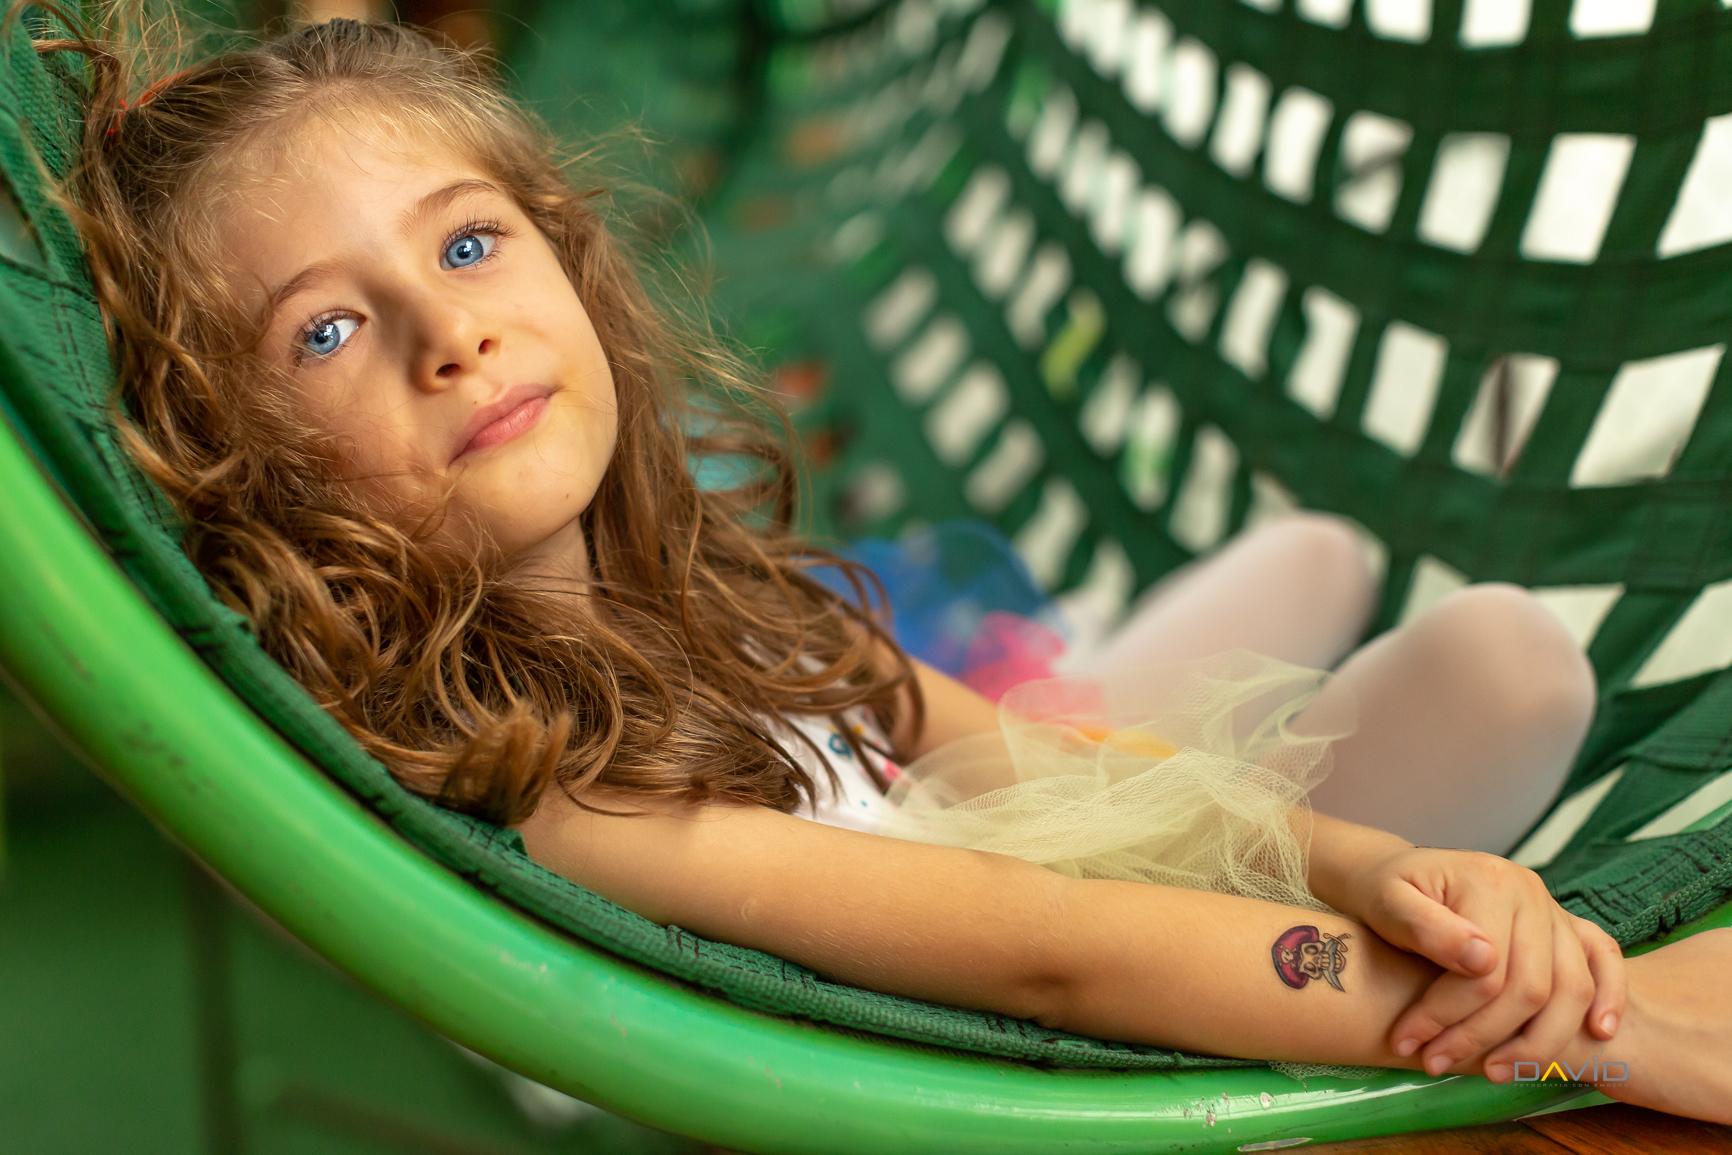 Contate Fotografo de evento Infantil, Família e Gestante na cidade  de São Paulo - David Aboothy Fotografia